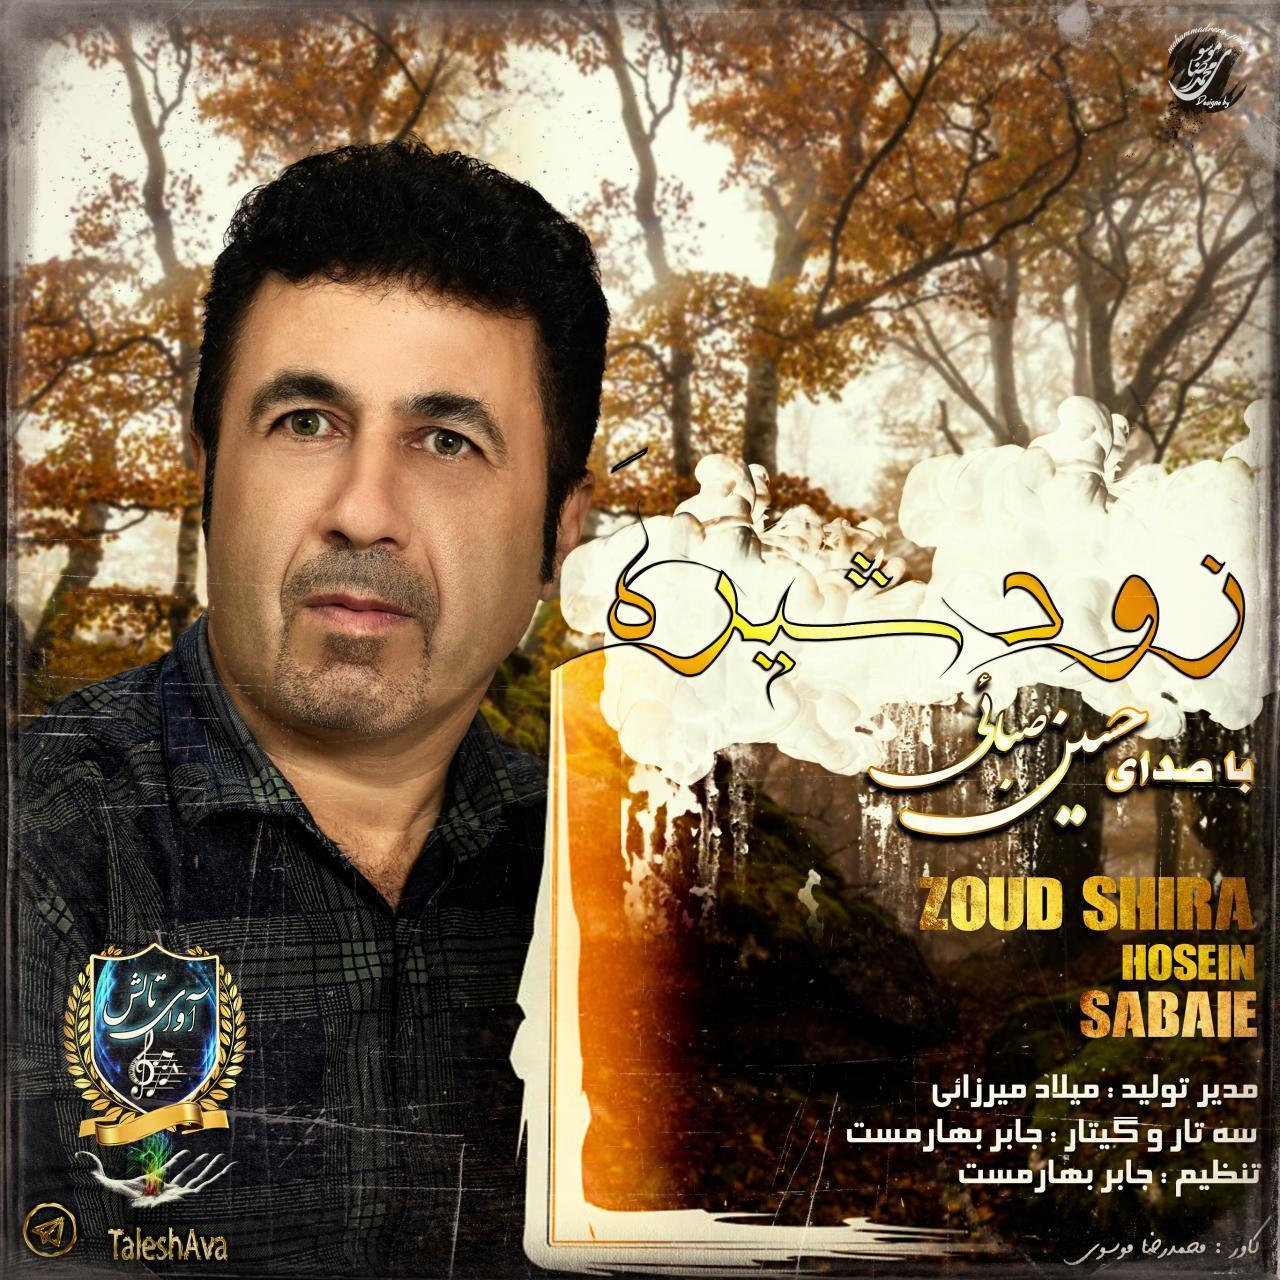 Hosein Sabaei – Zoud Shira